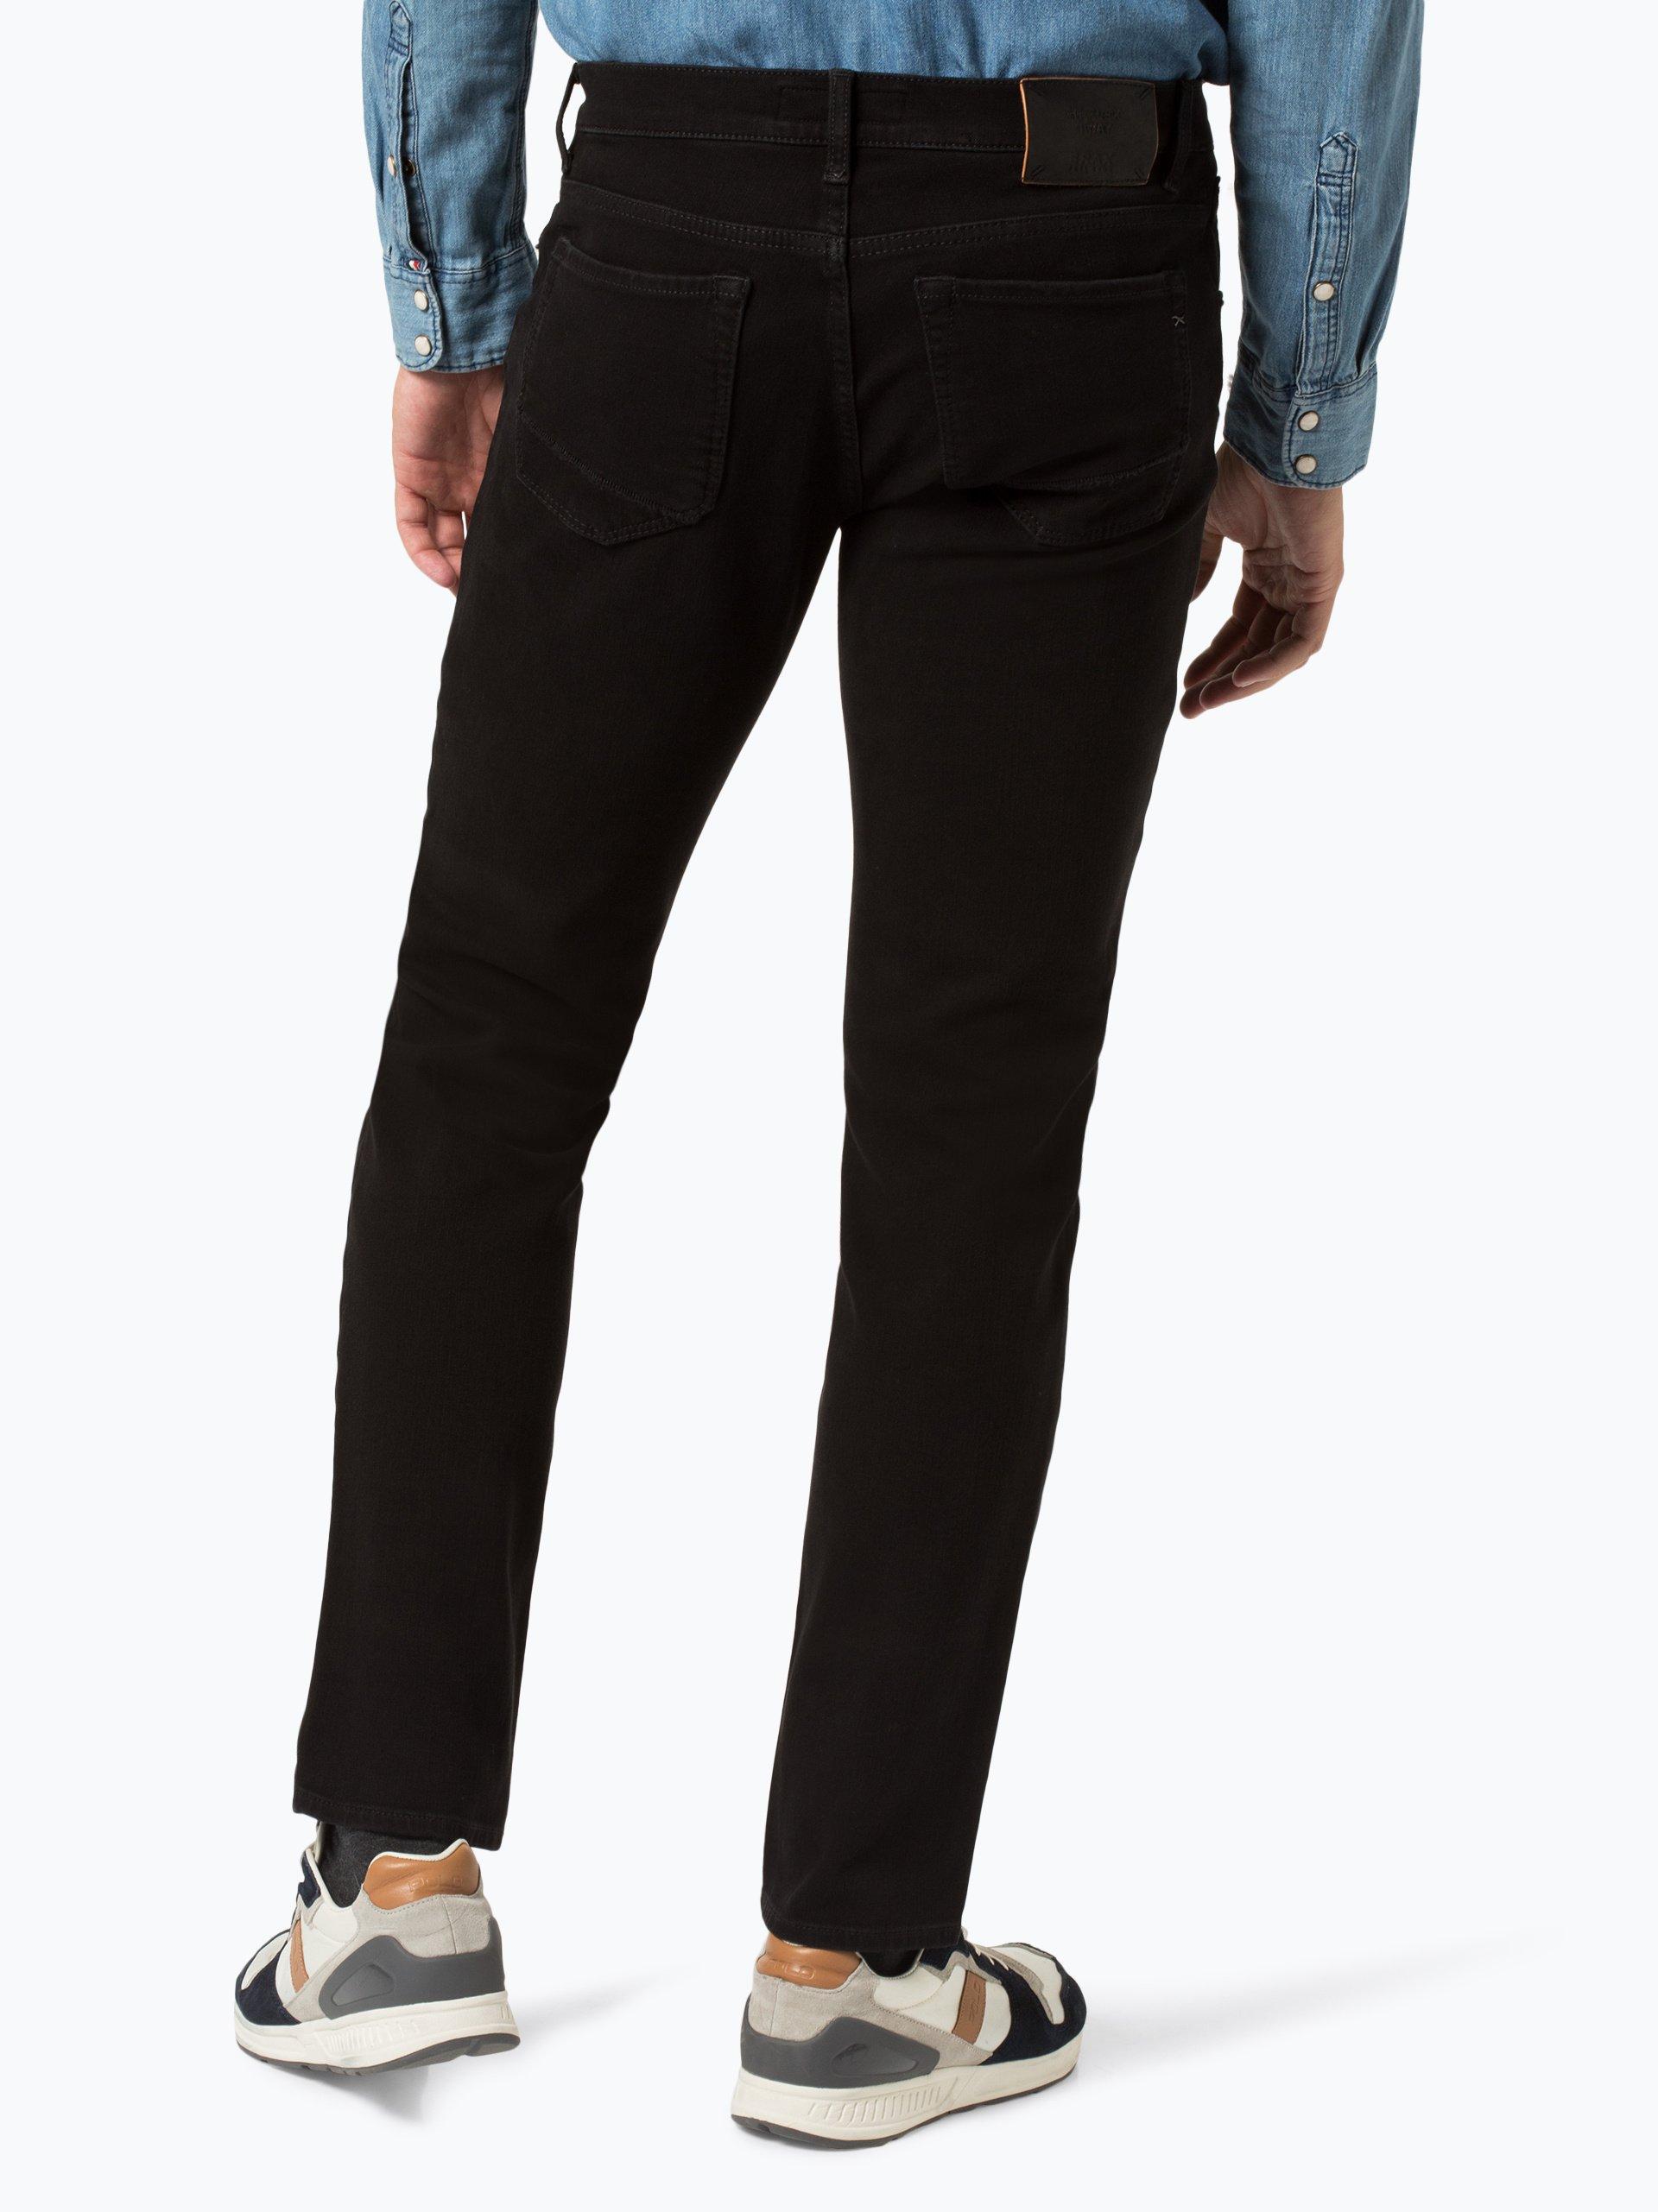 brax herren jeans chuck schwarz uni online kaufen vangraaf com. Black Bedroom Furniture Sets. Home Design Ideas